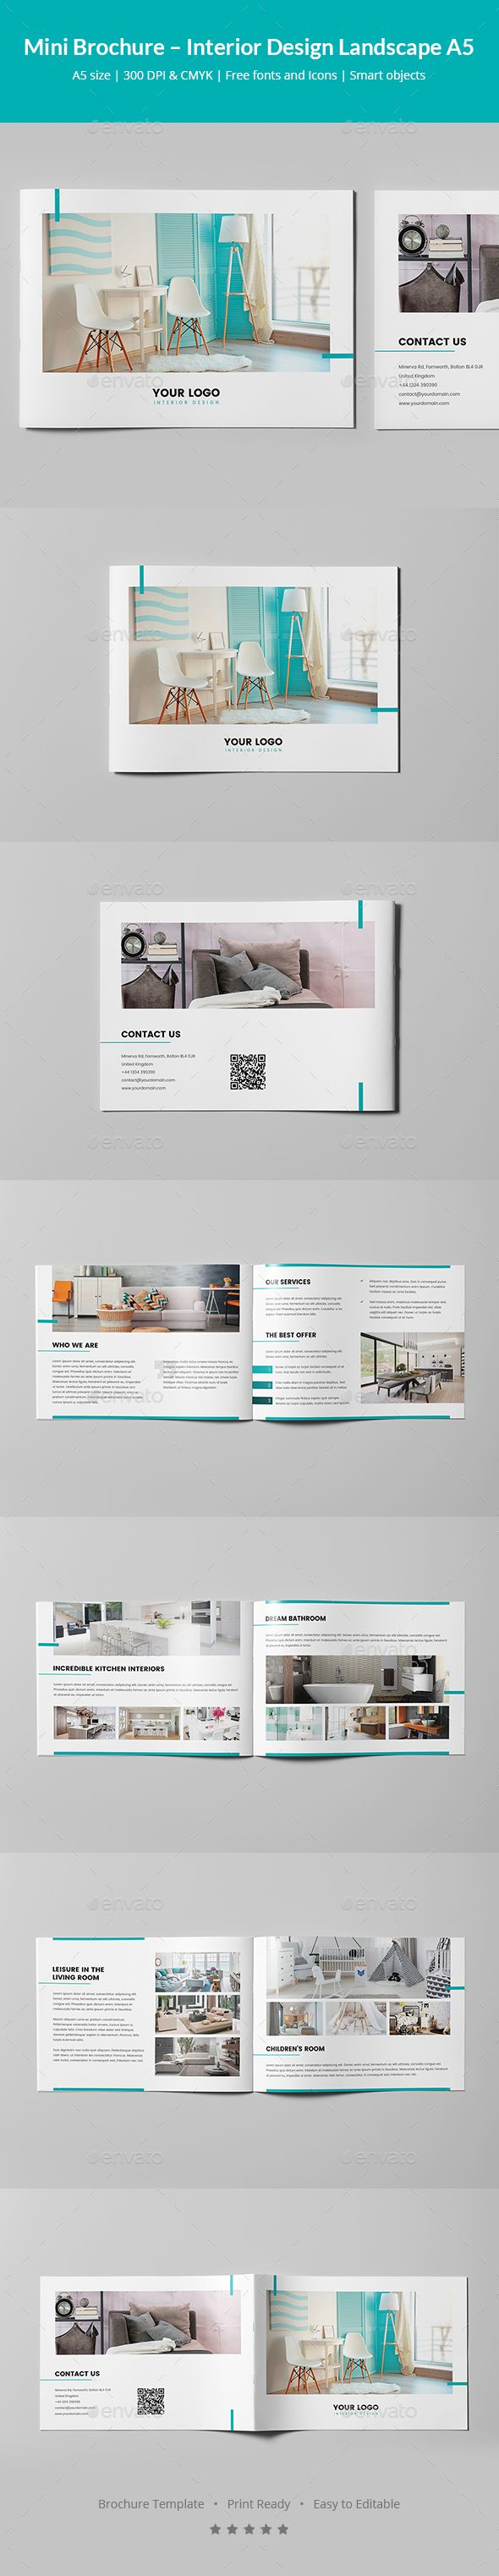 Mini Brochure Interior Design Landscape A Brochures Brochure - Mini brochure template